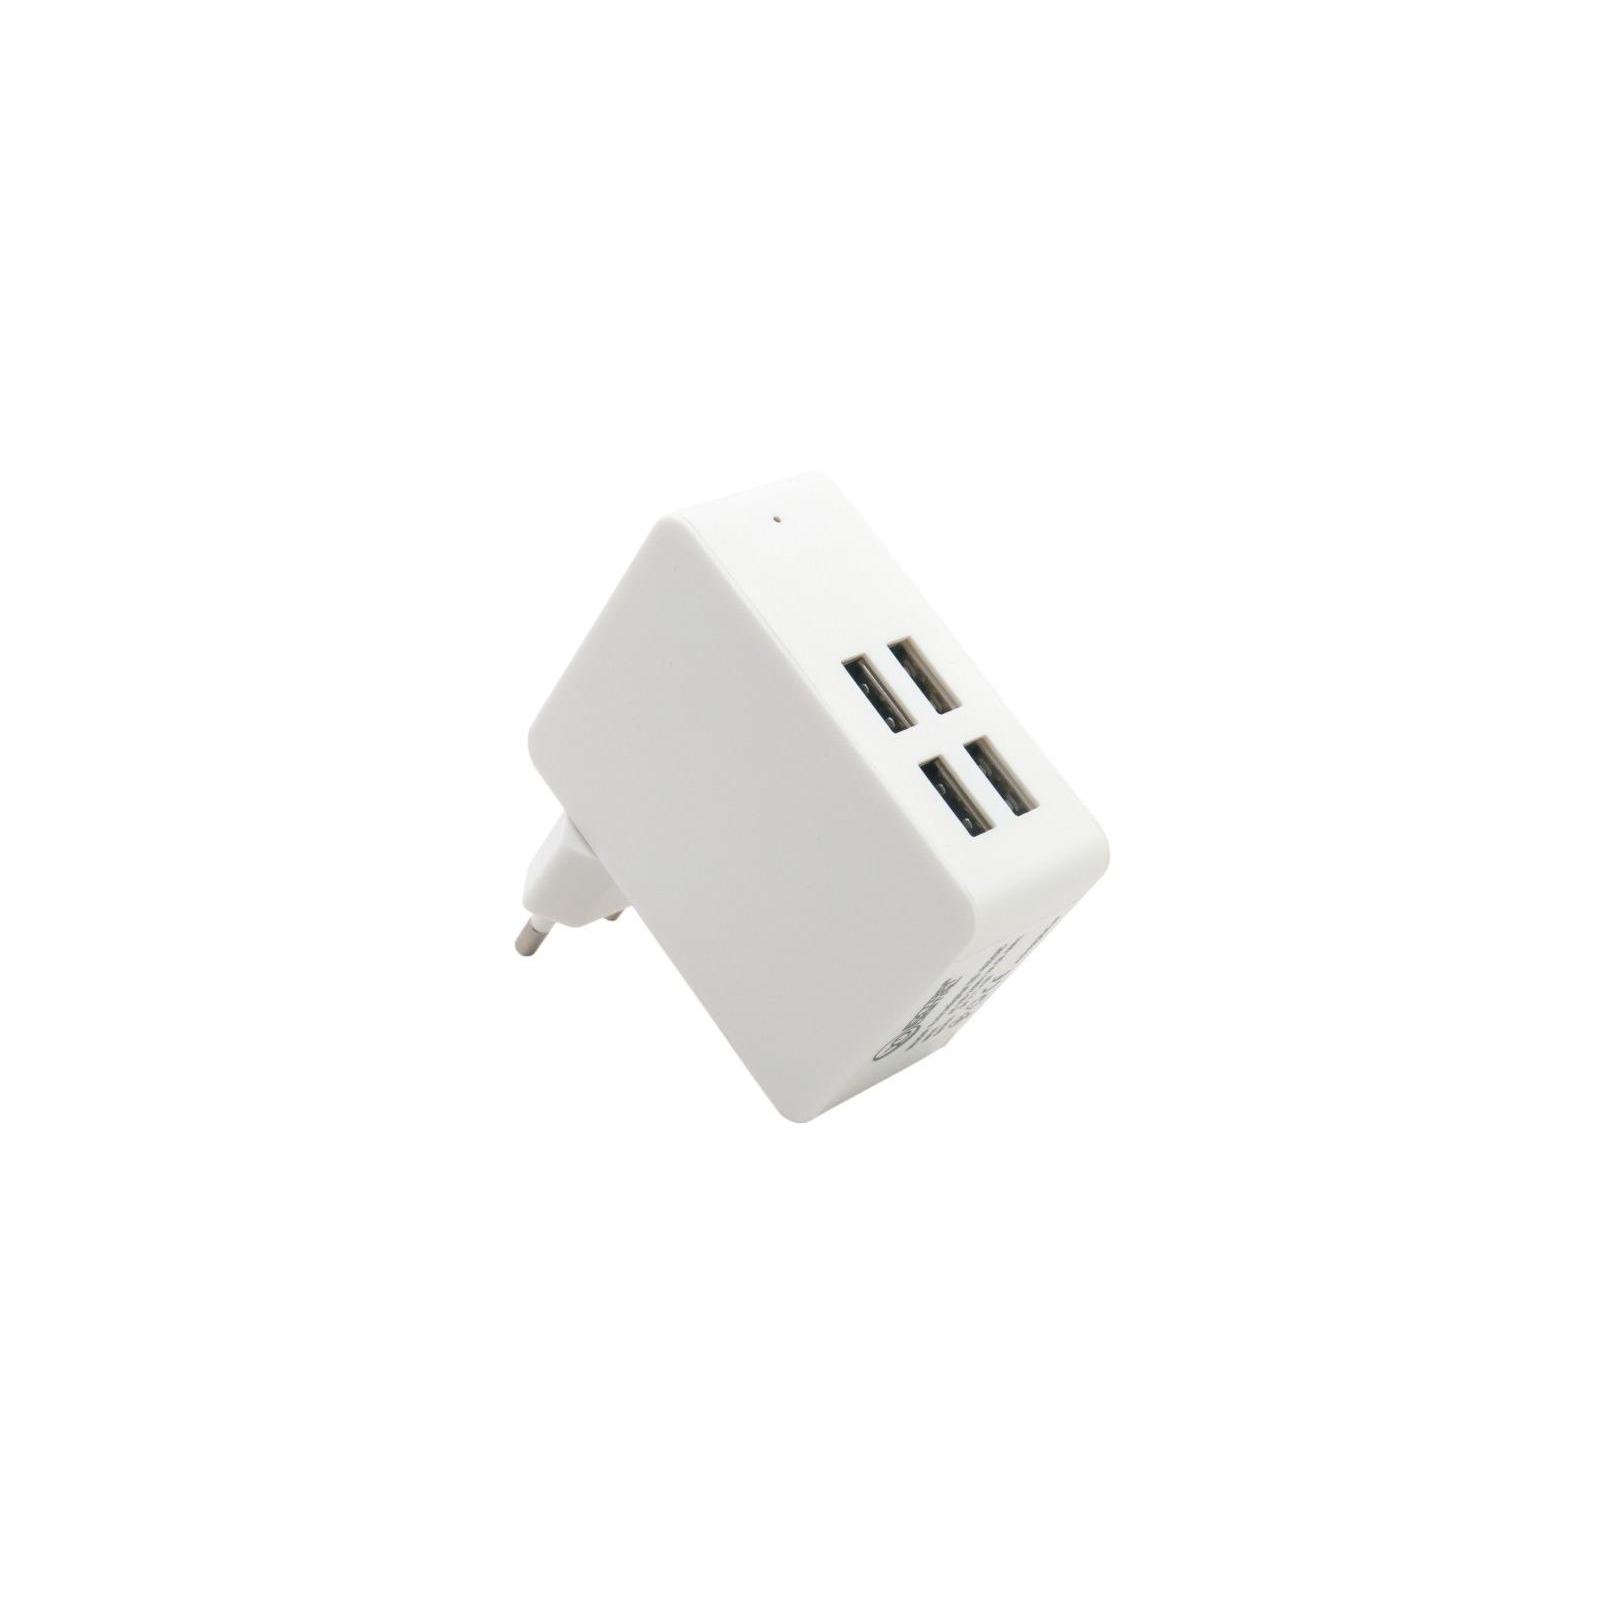 Зарядное устройство Extradigital IQ Charger ED-4U20IC 4*USB, 4A (CUE1527)